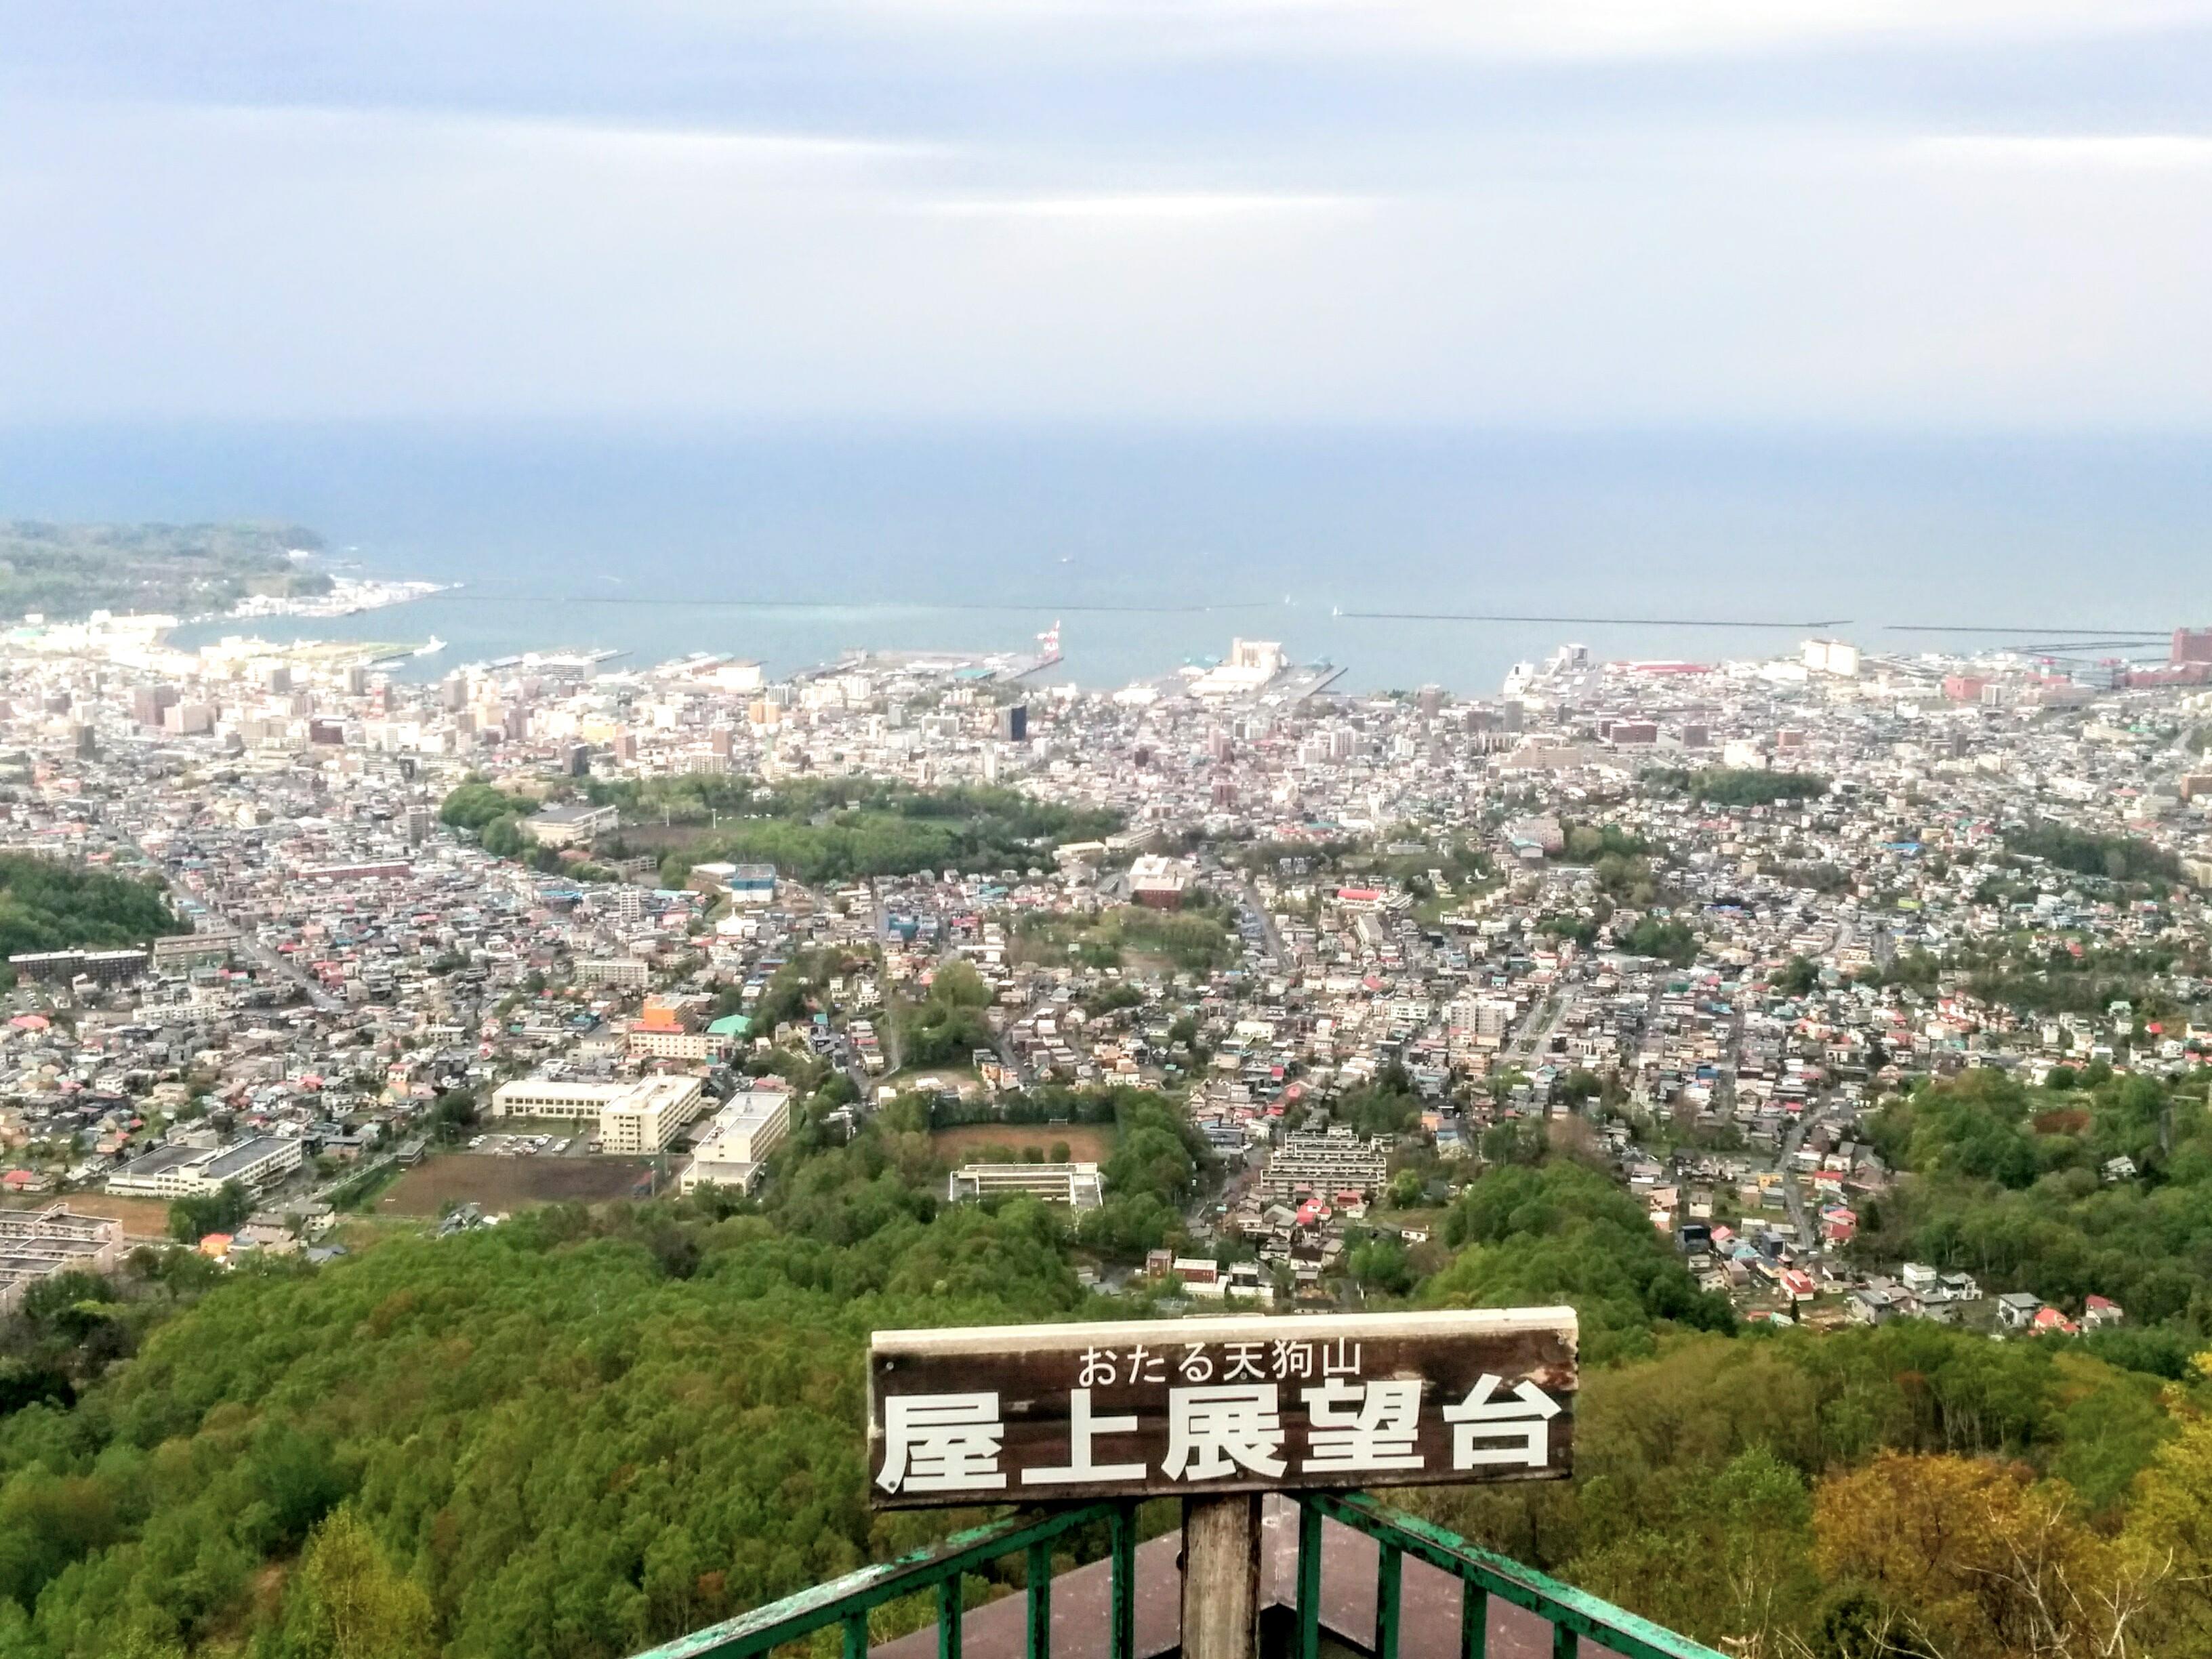 【小樽観光タクシー】北海道小樽港観光案内です。